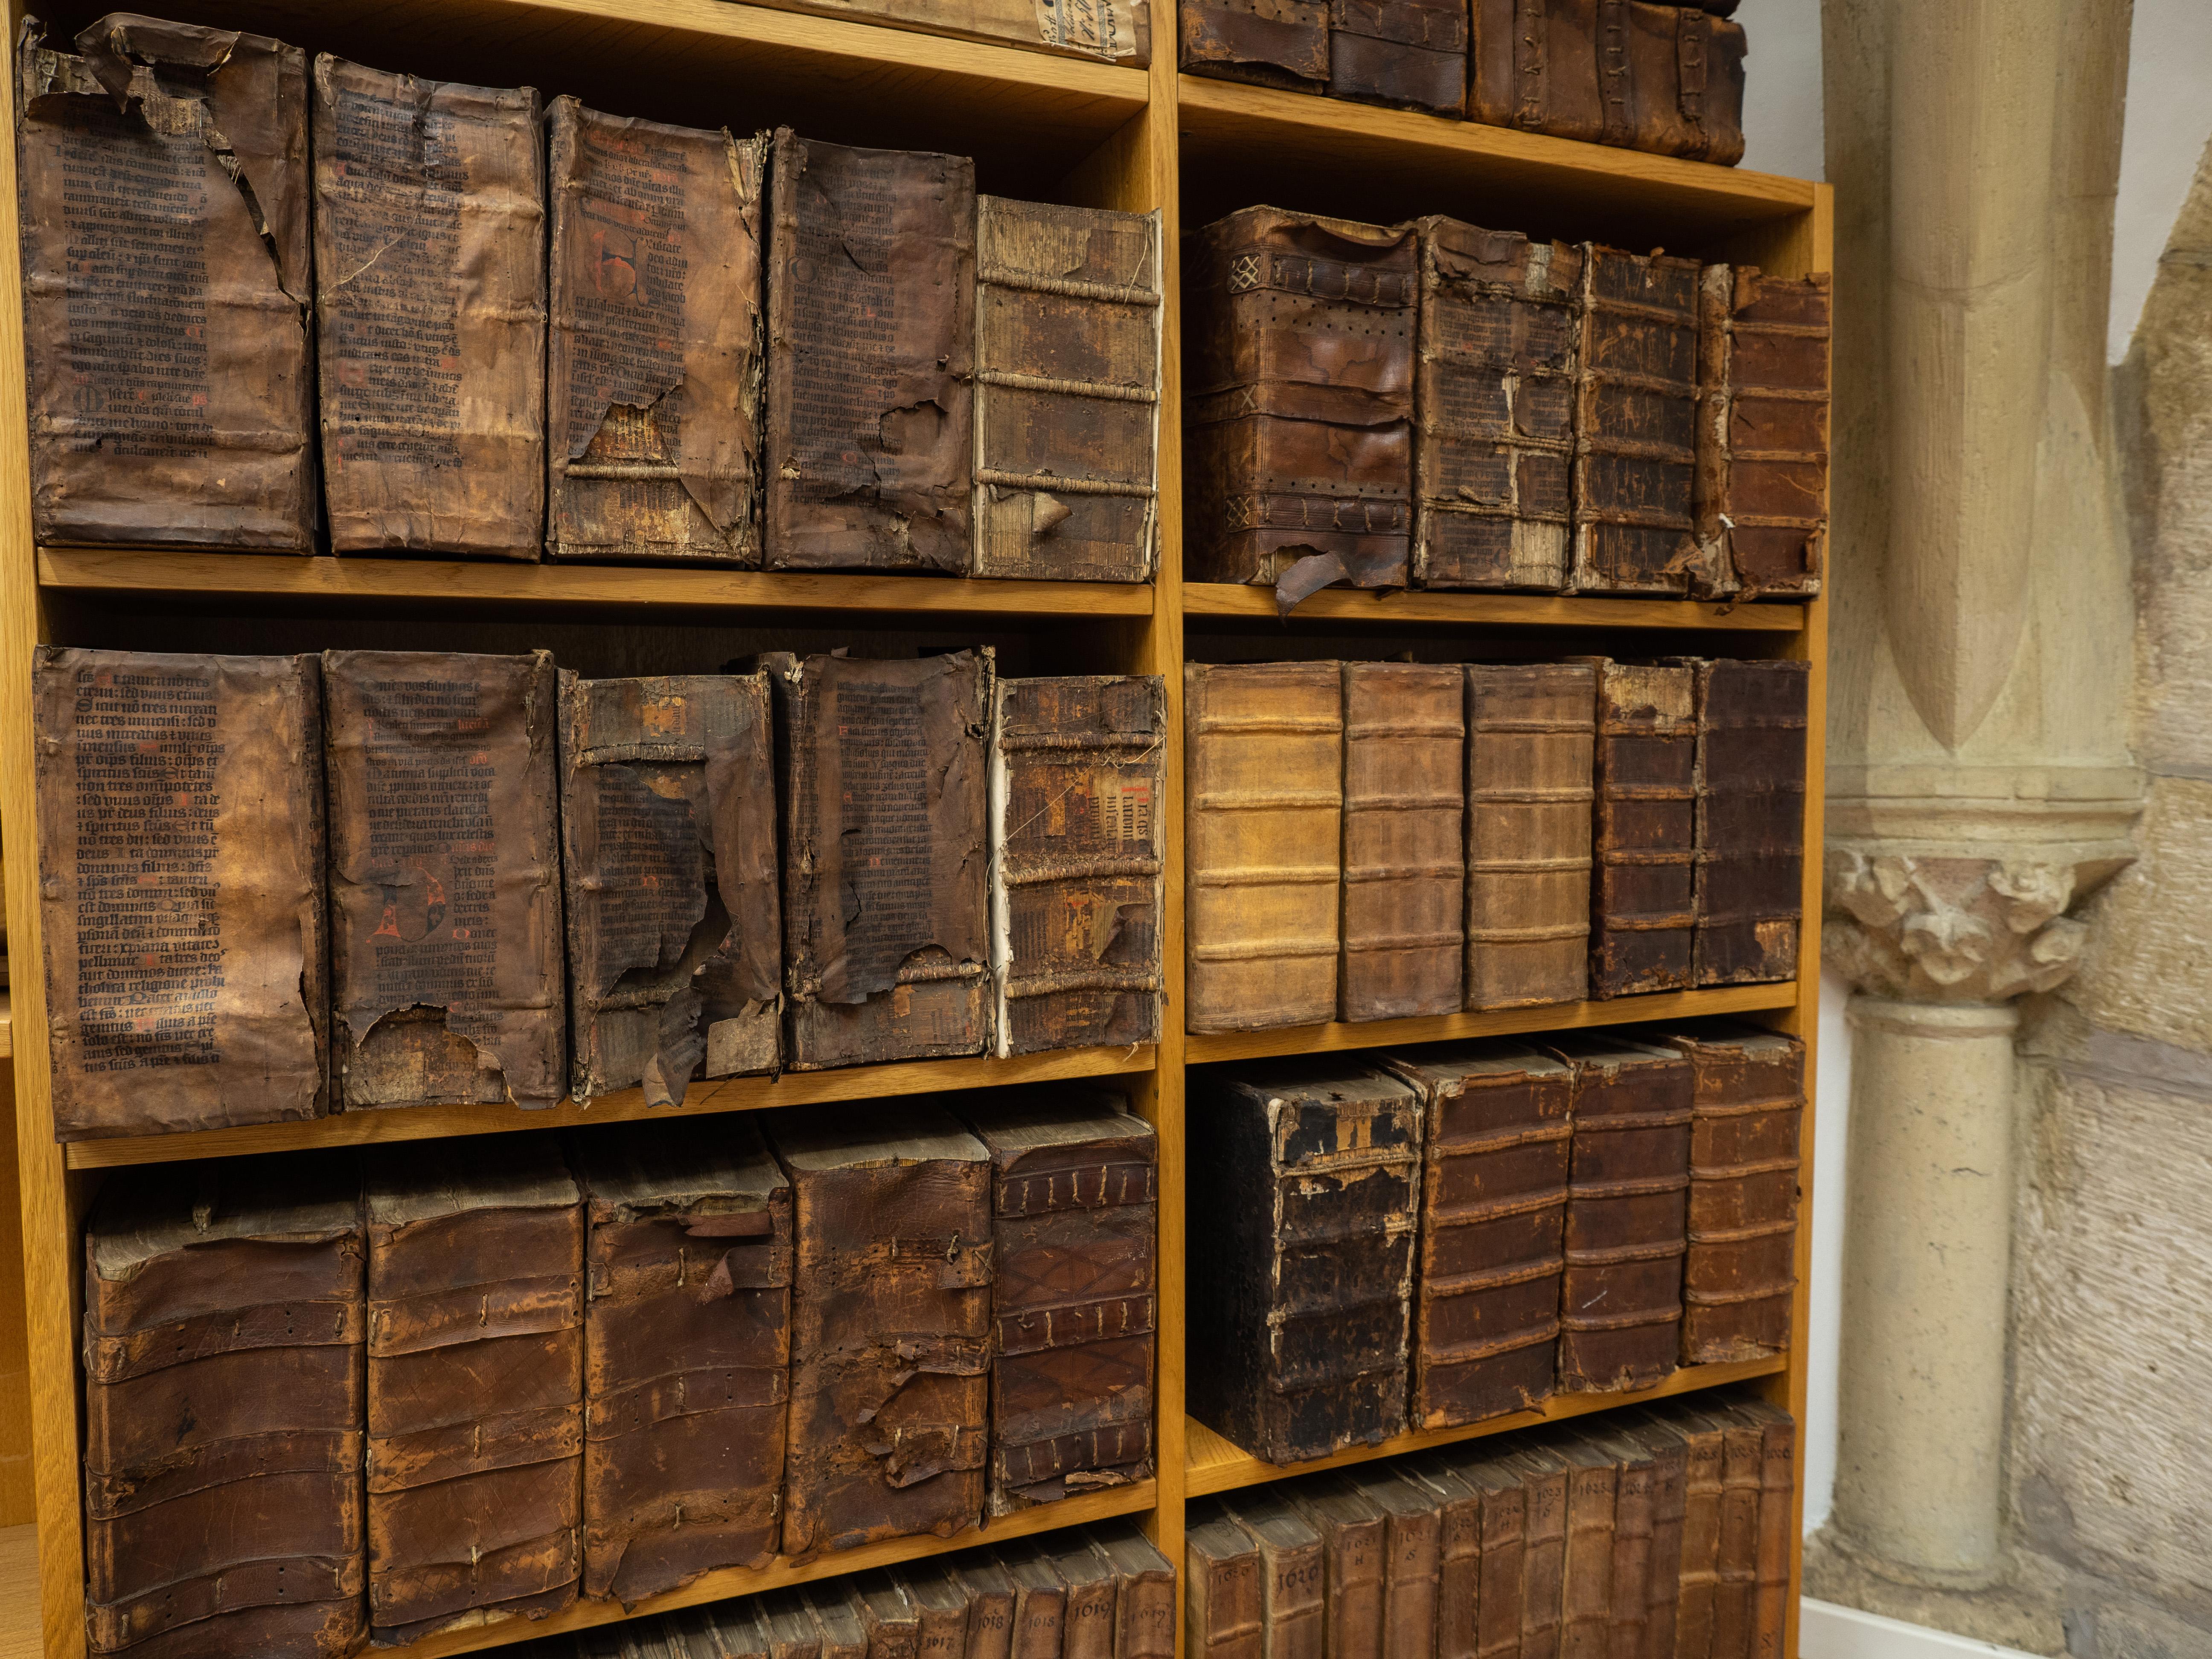 Blick ins Archiv mit alten Rechnungsbüchern